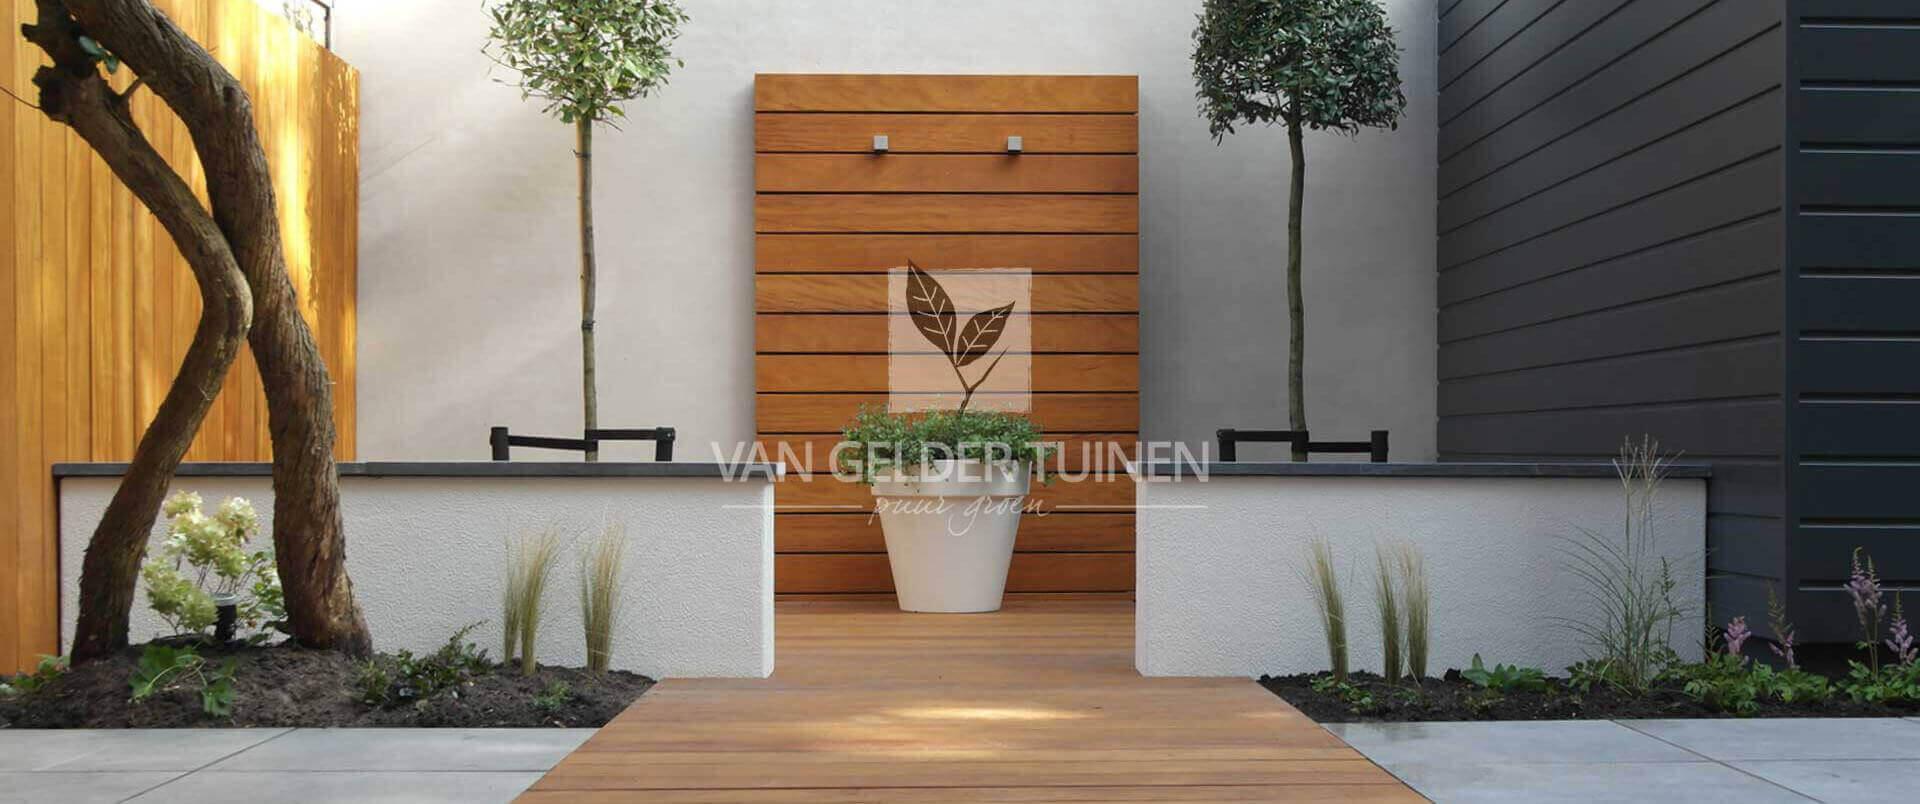 Moderne stijlvolle achtertuin. Tuinontwerp en aanleg door Van Gelder Tuinen Ridderkerk